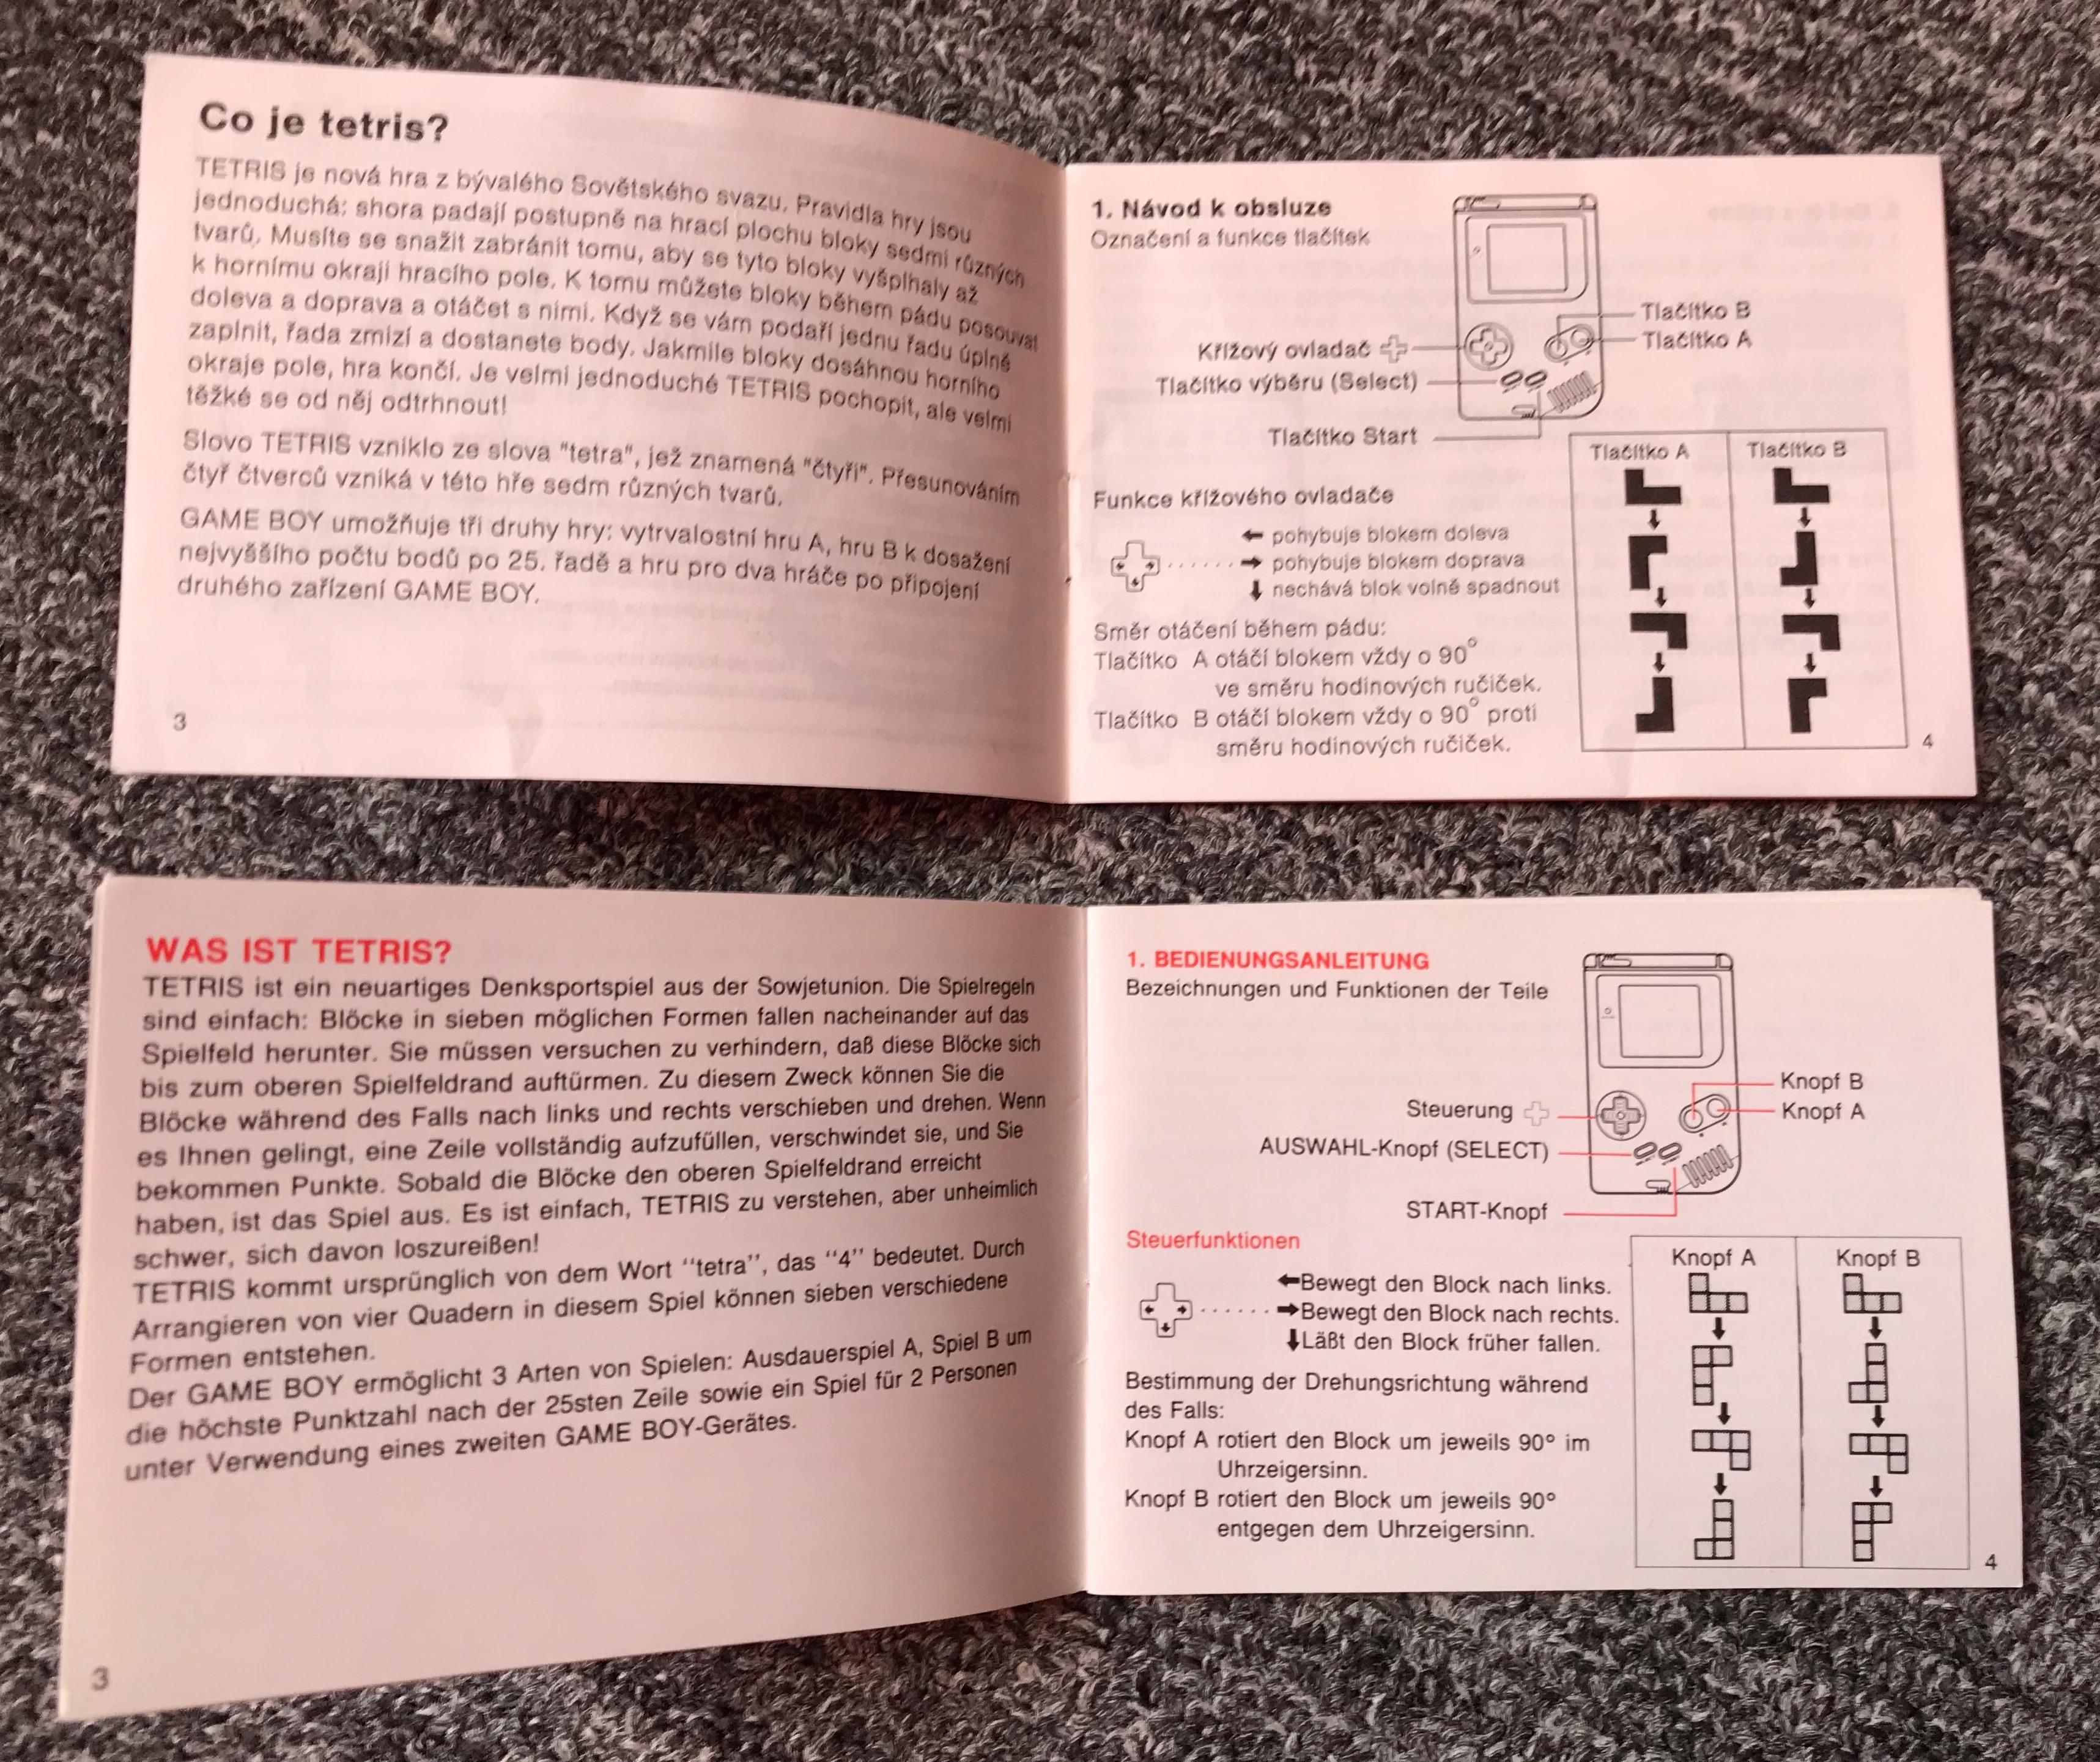 0bb220dcd Neplatí to pro úplně všechny stránky a informace, ale v tomto případě se  česká verze s mírnými úpravami dočkala i obrázků a grafiky, takže člověk  nemusel ...